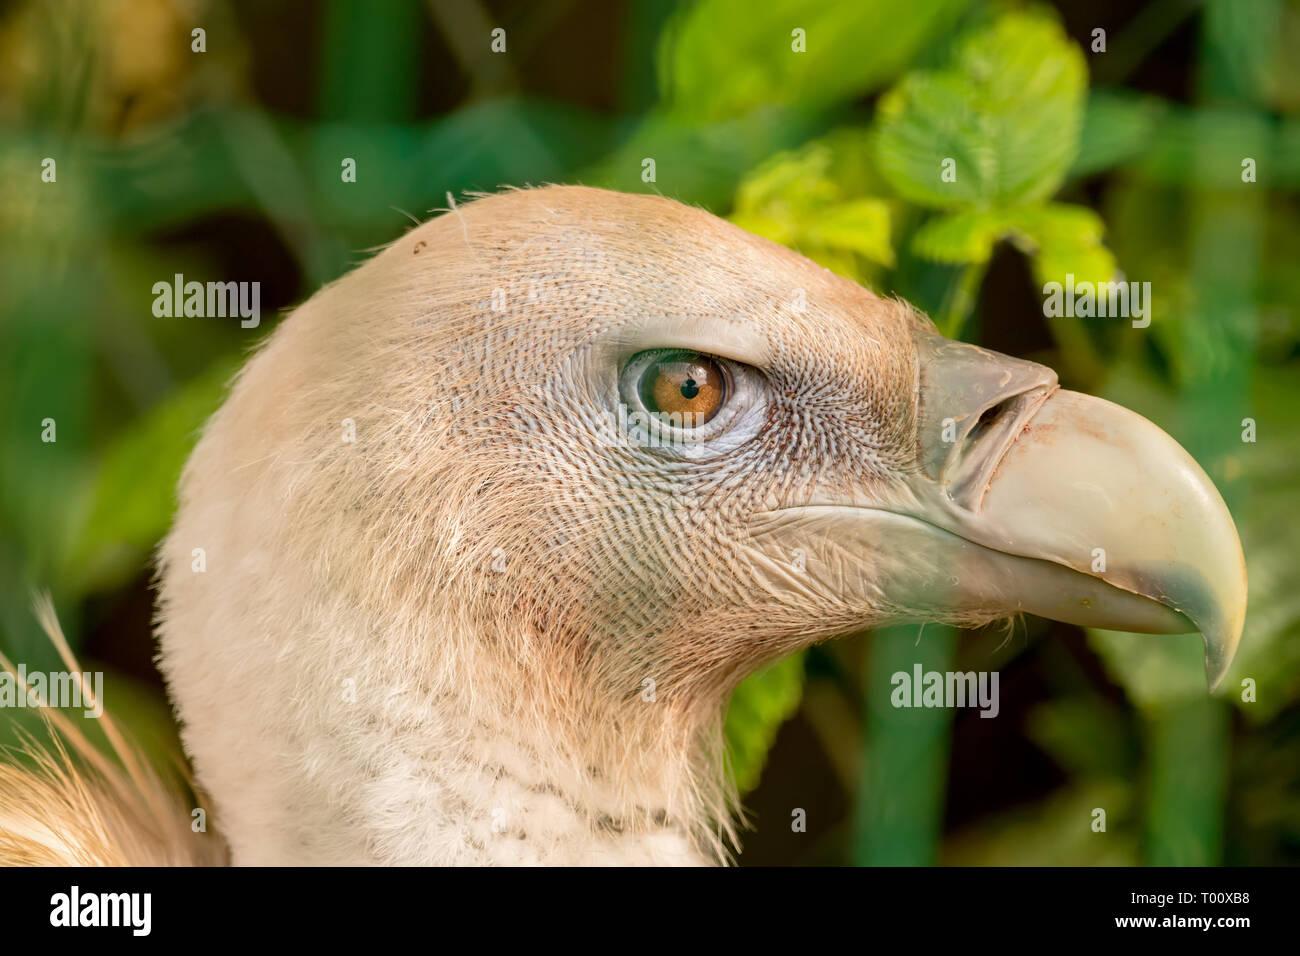 Comme d'autres vautours, c'est un charognard, il se nourrit essentiellement de carcasses d'animaux morts qu'il trouve en planeur sur les zones ouvertes, souvent en troupeau en mouvement Banque D'Images